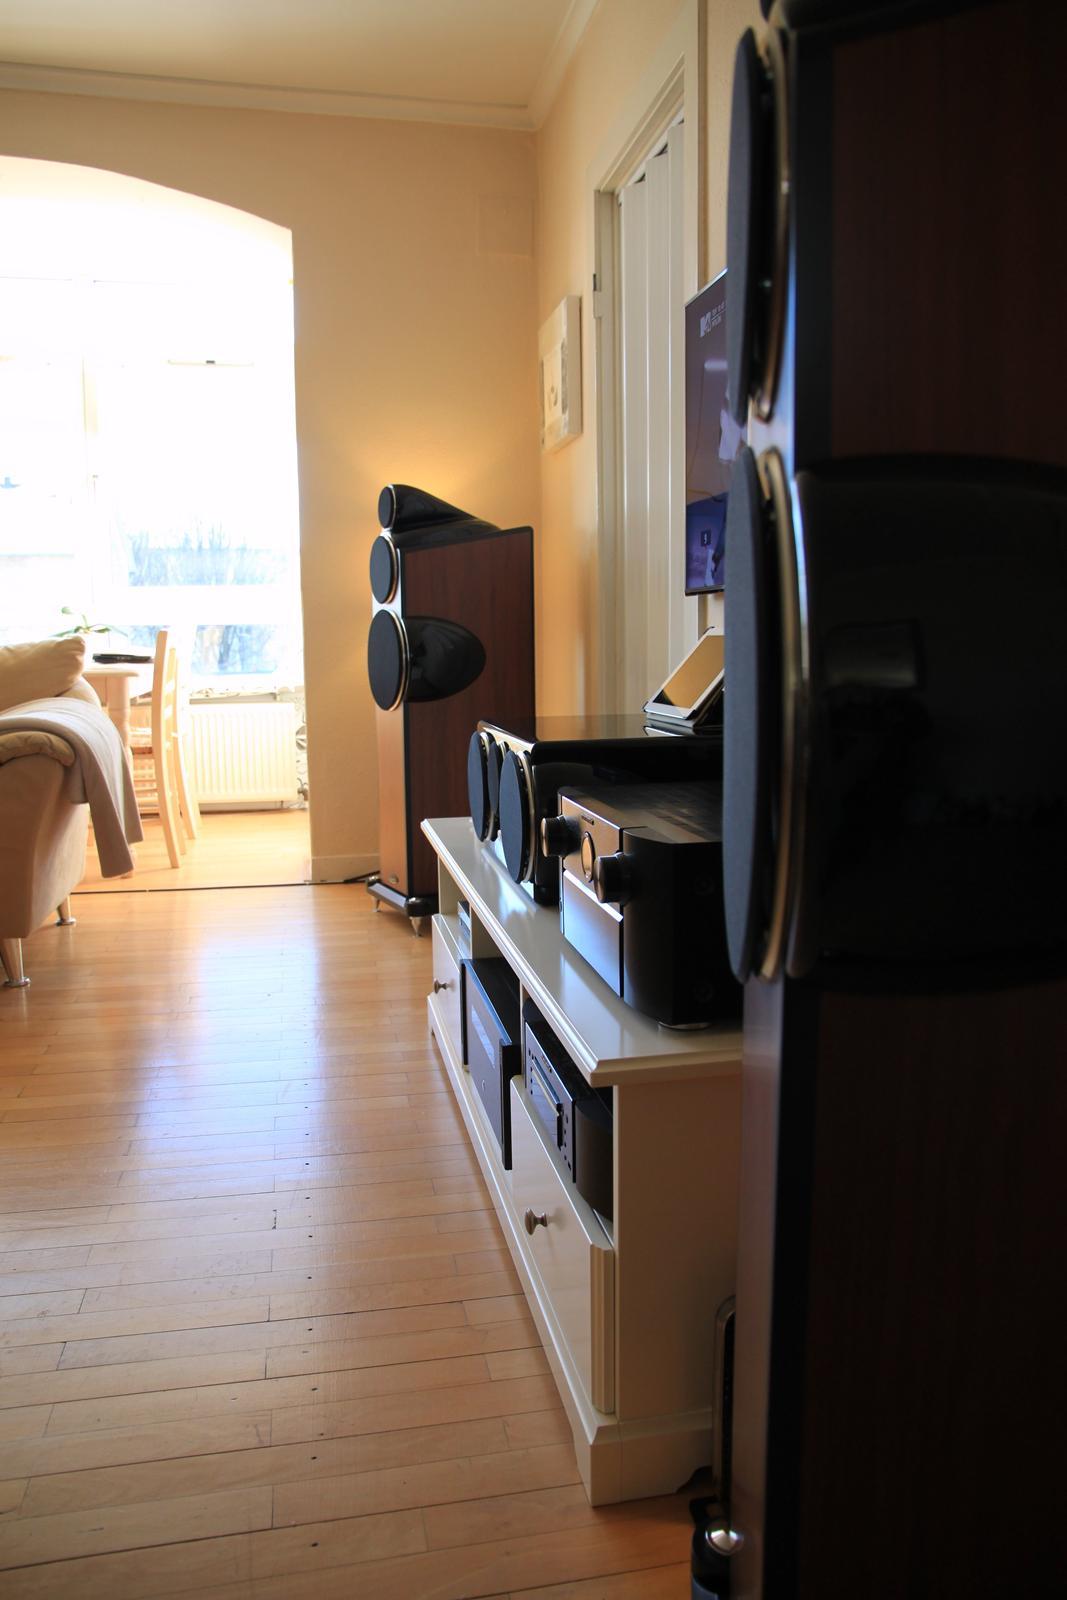 Hjemmebiograf 7.1 /stereo (Marantz - Emotiva - Vincent) billede 7